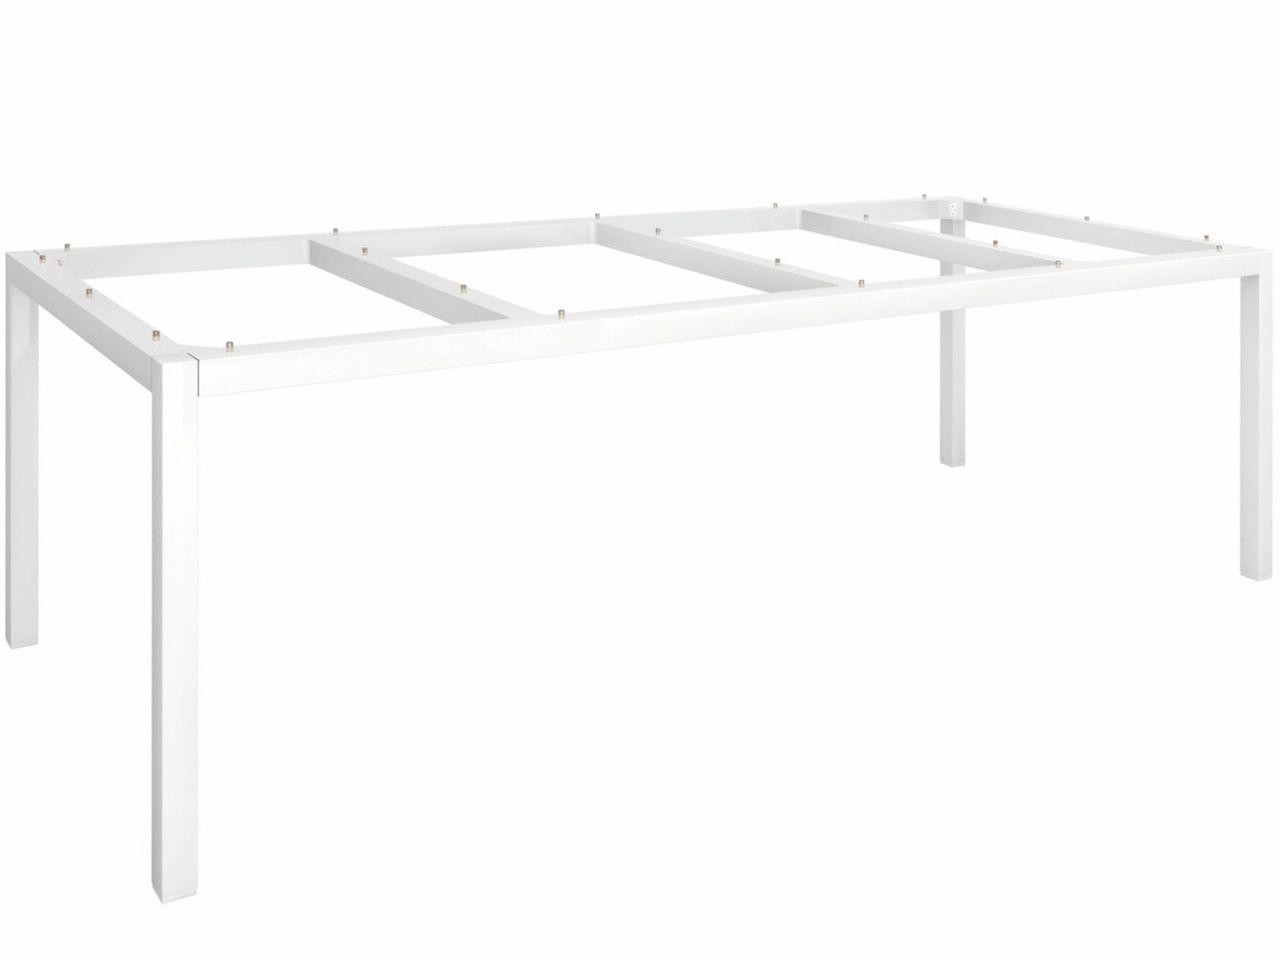 Stern Tischgestell Aluminium Vierkantrohr 250x100cm weiß